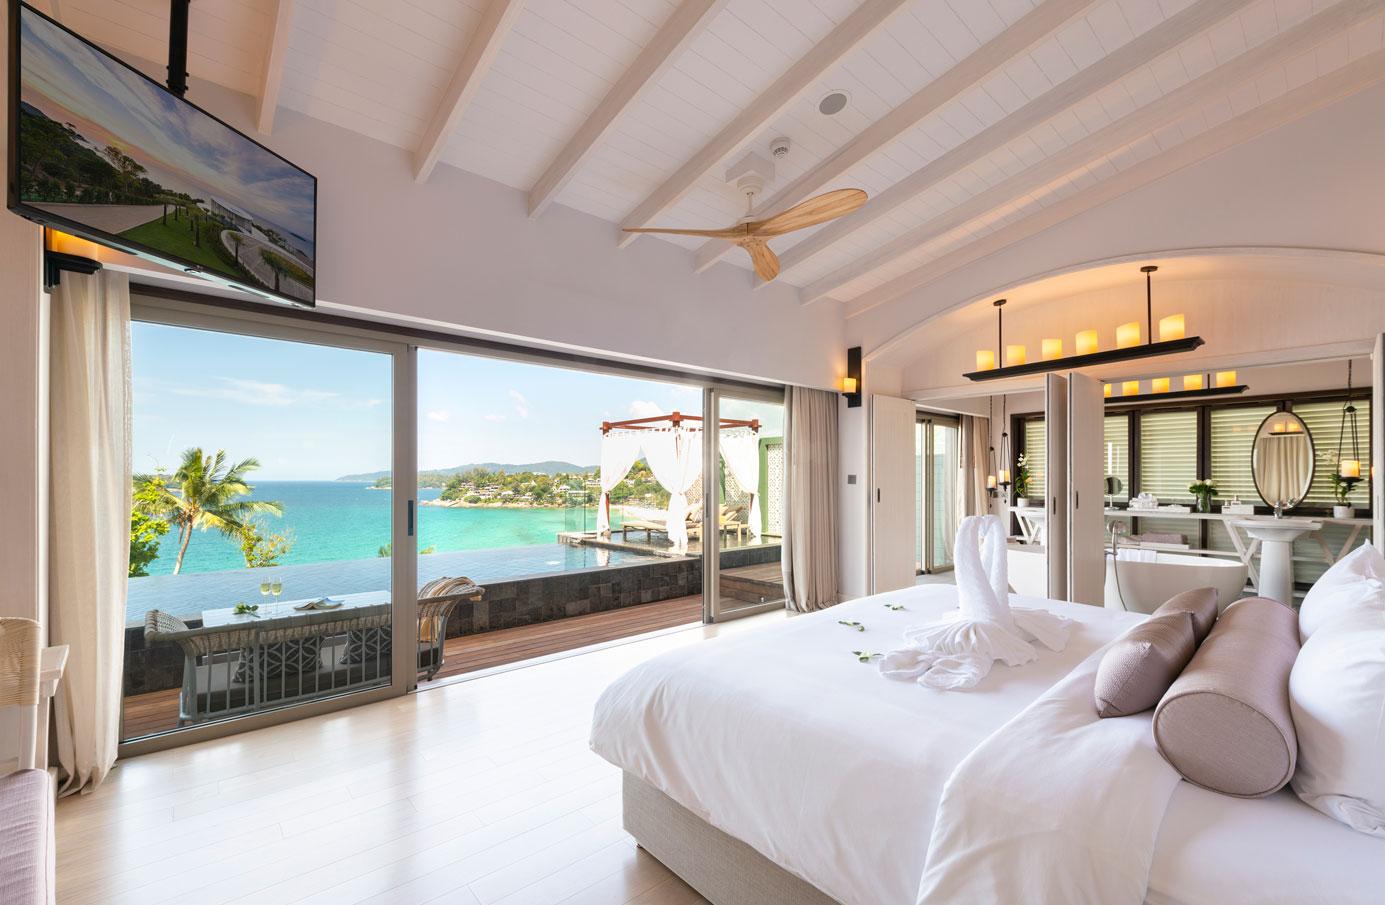 phuket-wedding-shore-katatani (5)